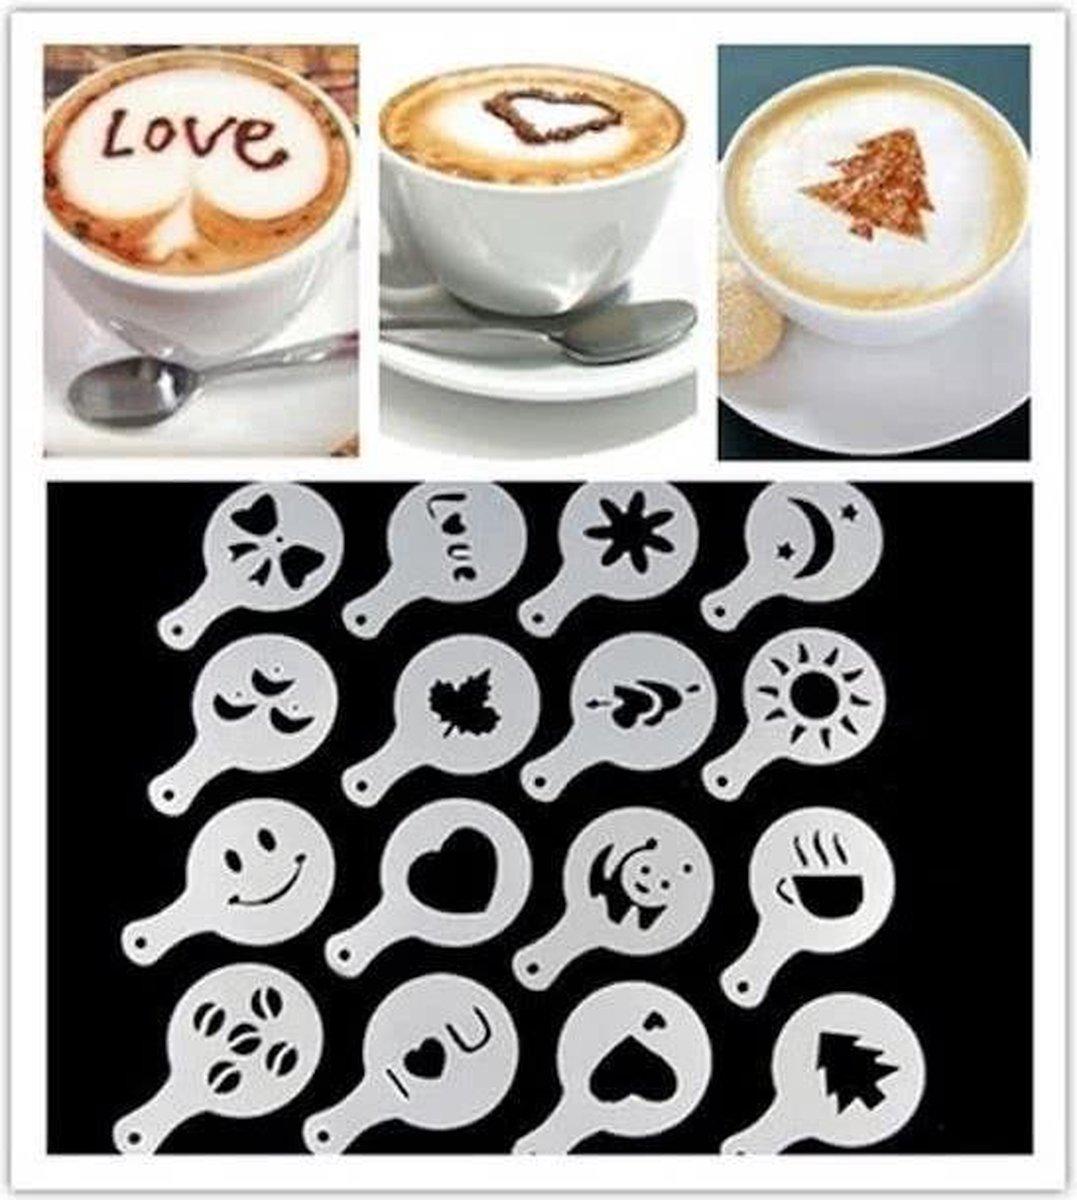 Postdrogist - Cappuccino sjabloon - Koffie Sjablonen - Herbruikbaar - Barista Tools - 16 stuks - postdrogist